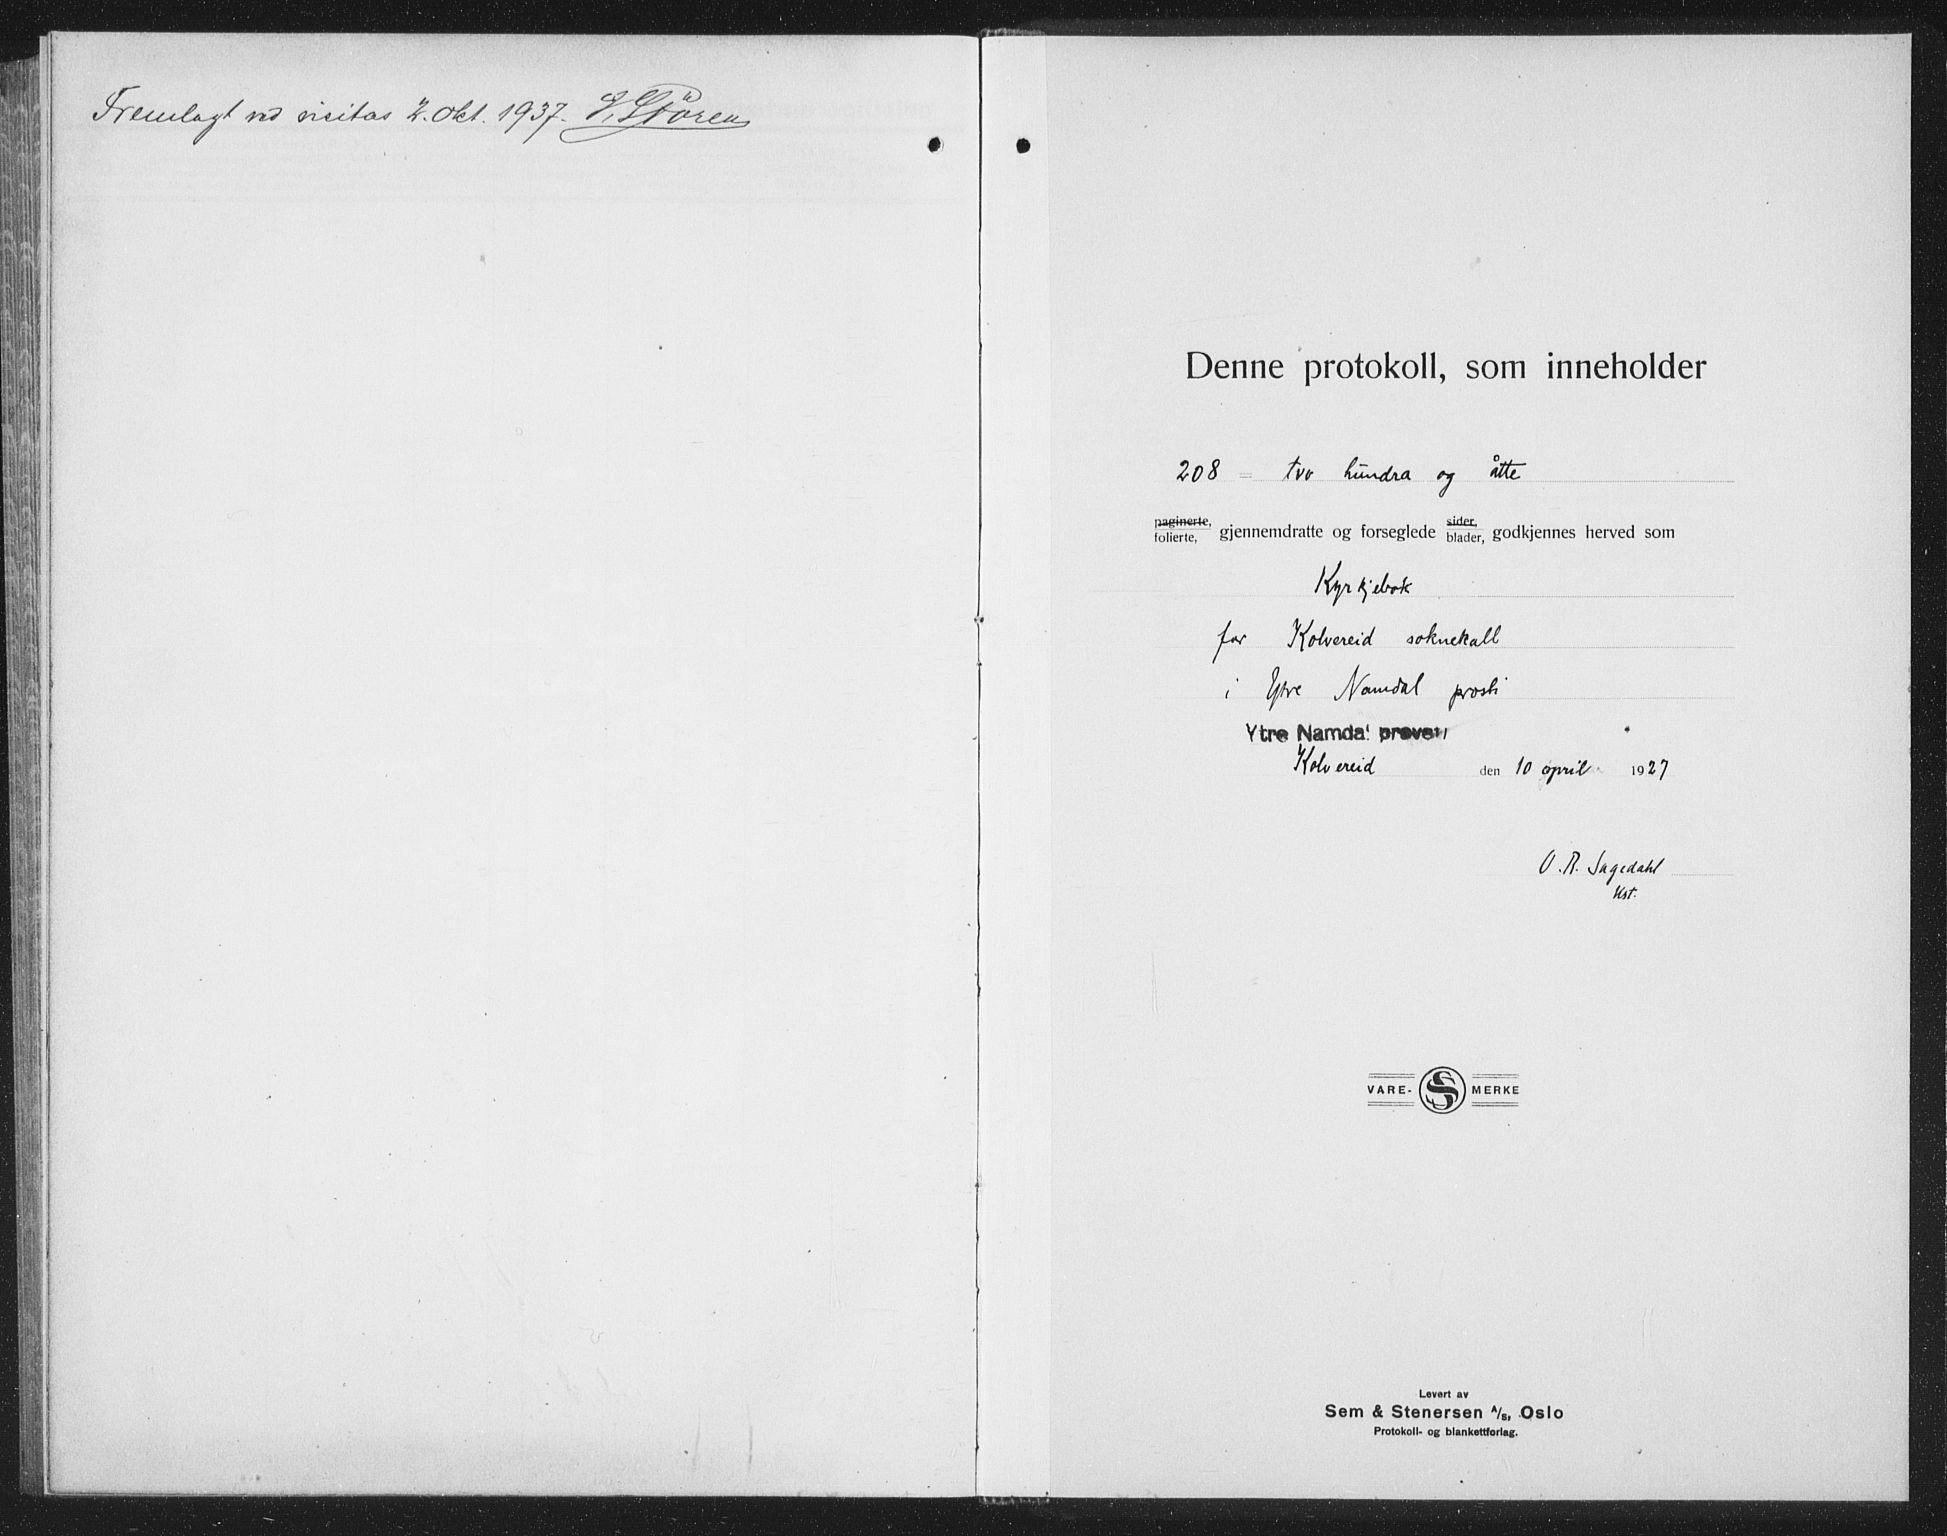 SAT, Ministerialprotokoller, klokkerbøker og fødselsregistre - Nord-Trøndelag, 780/L0654: Klokkerbok nr. 780C06, 1928-1942